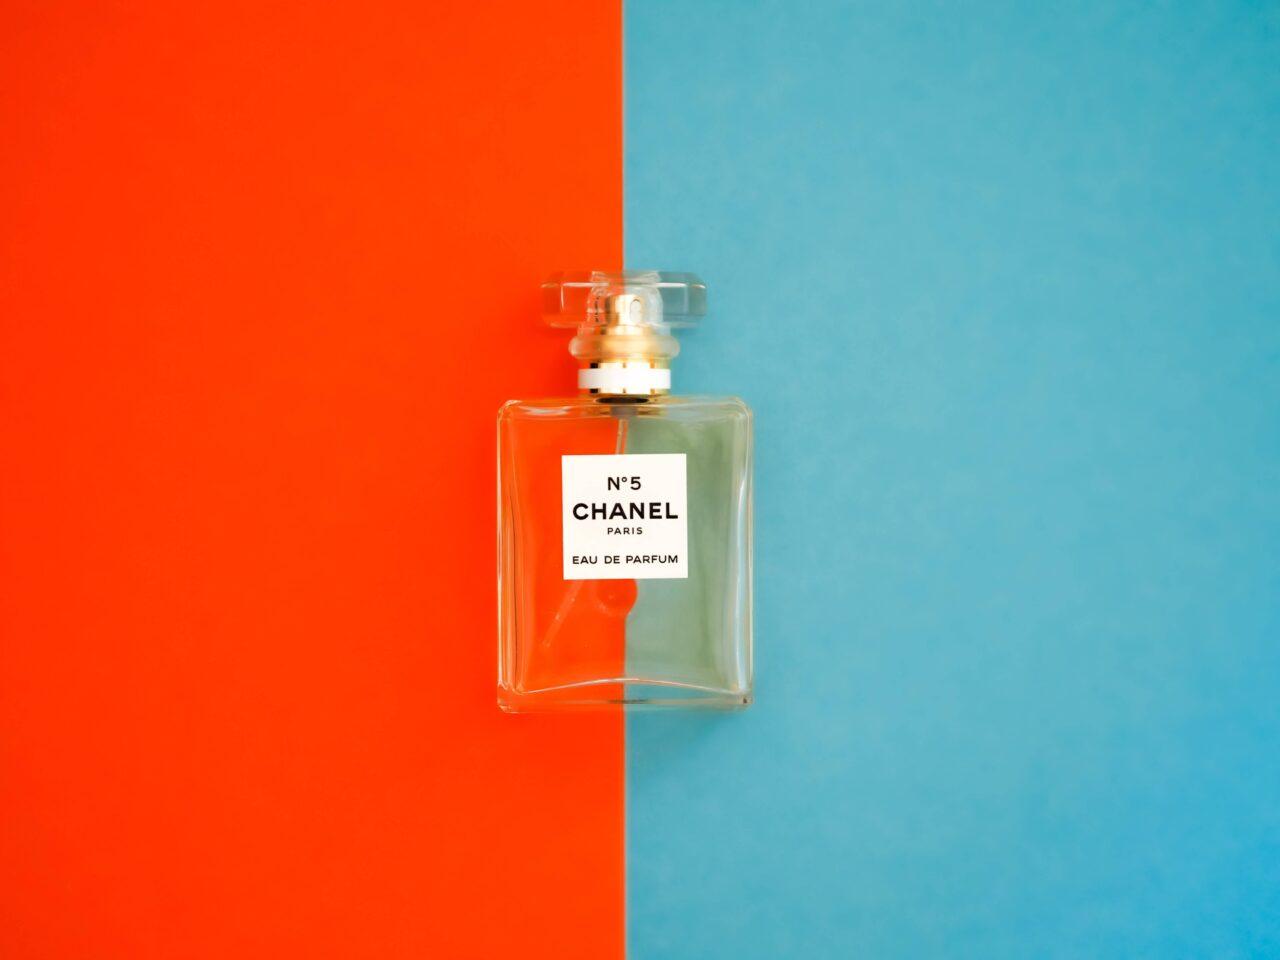 【500種類以上】有名ブランド香水も1980円で買える唯一の方法